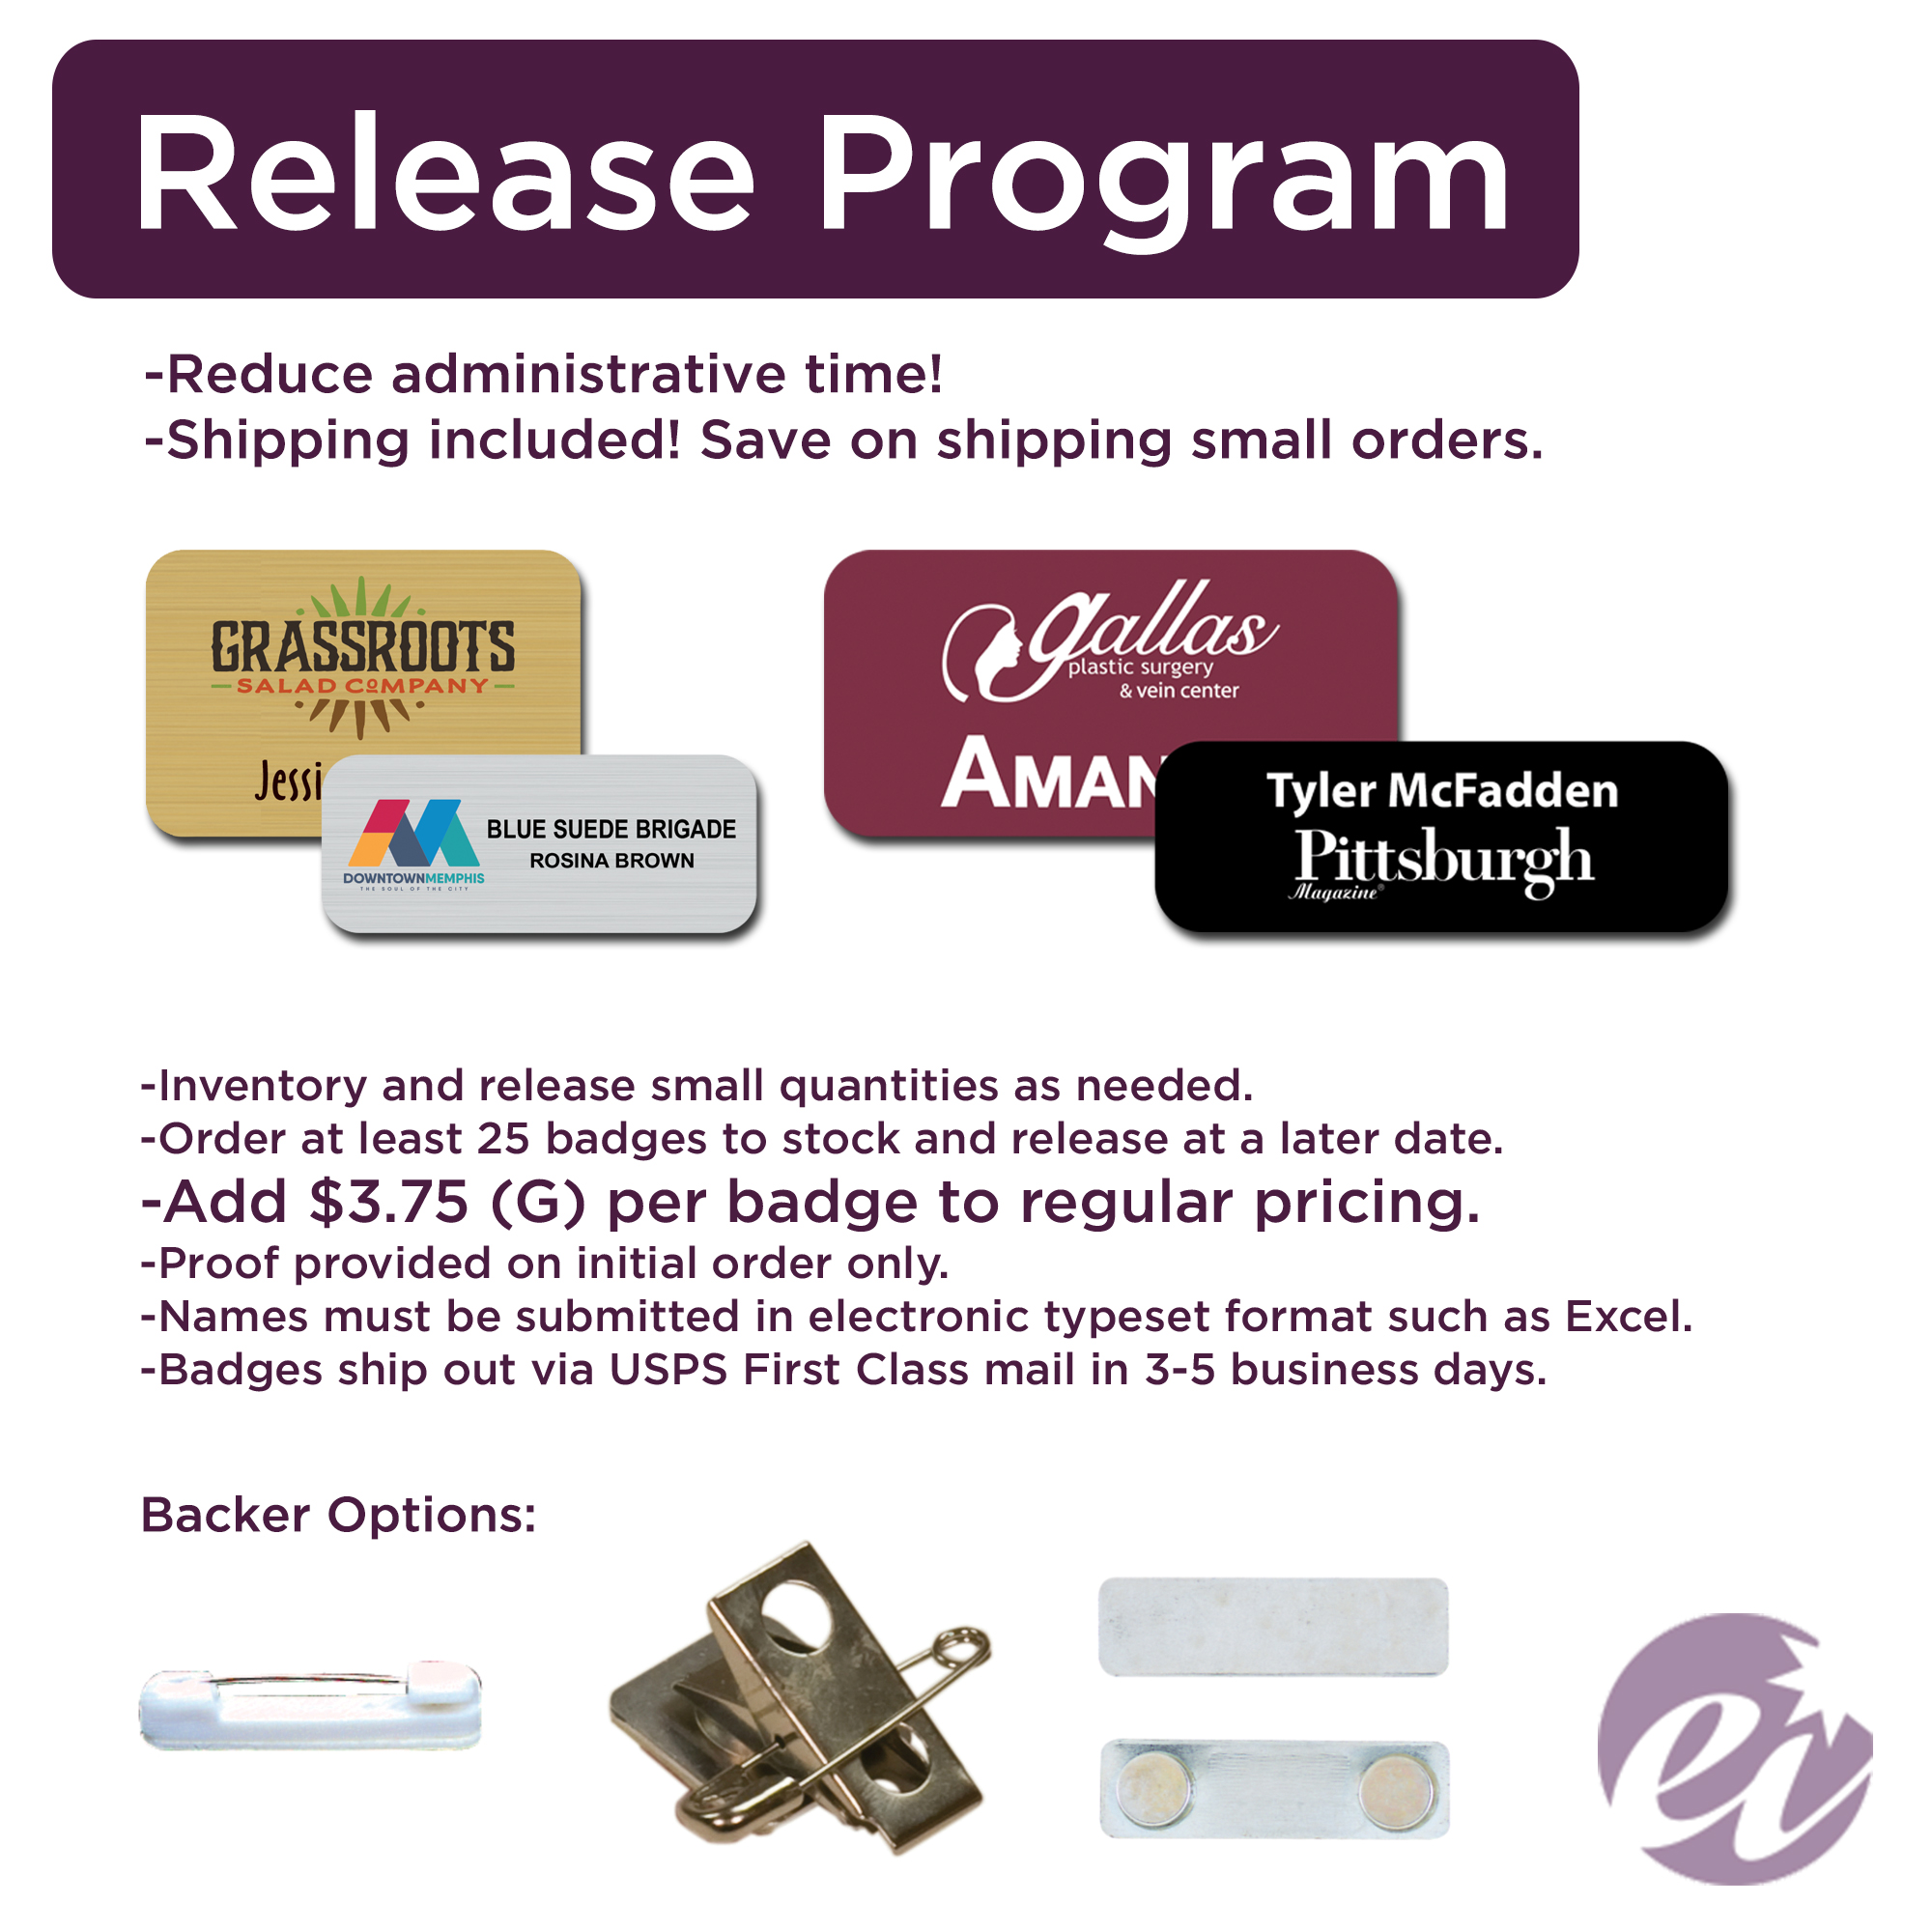 Release Program Details